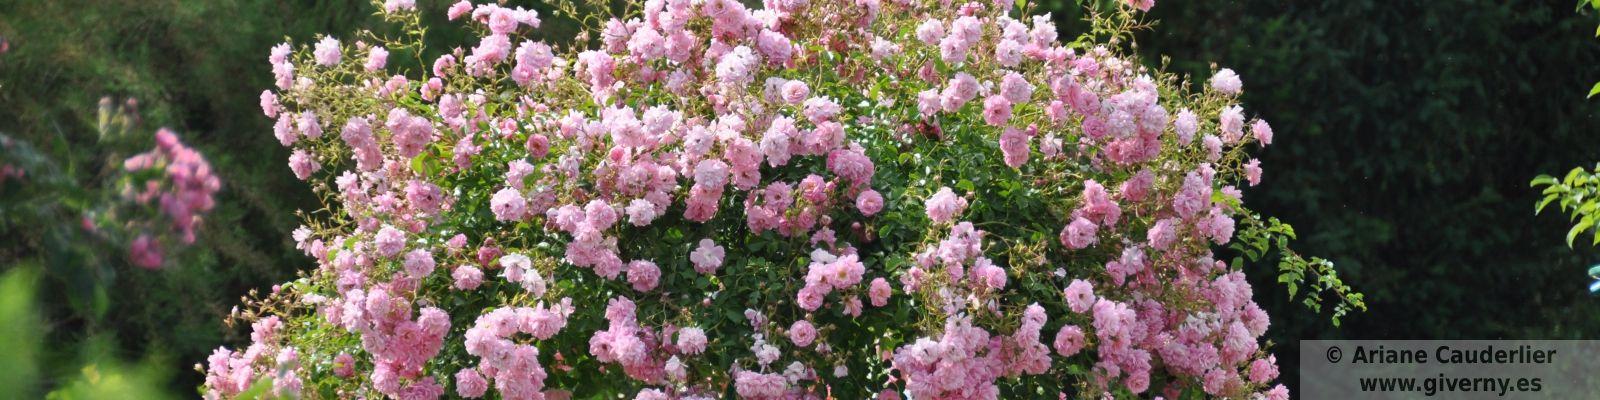 Giverny rosal